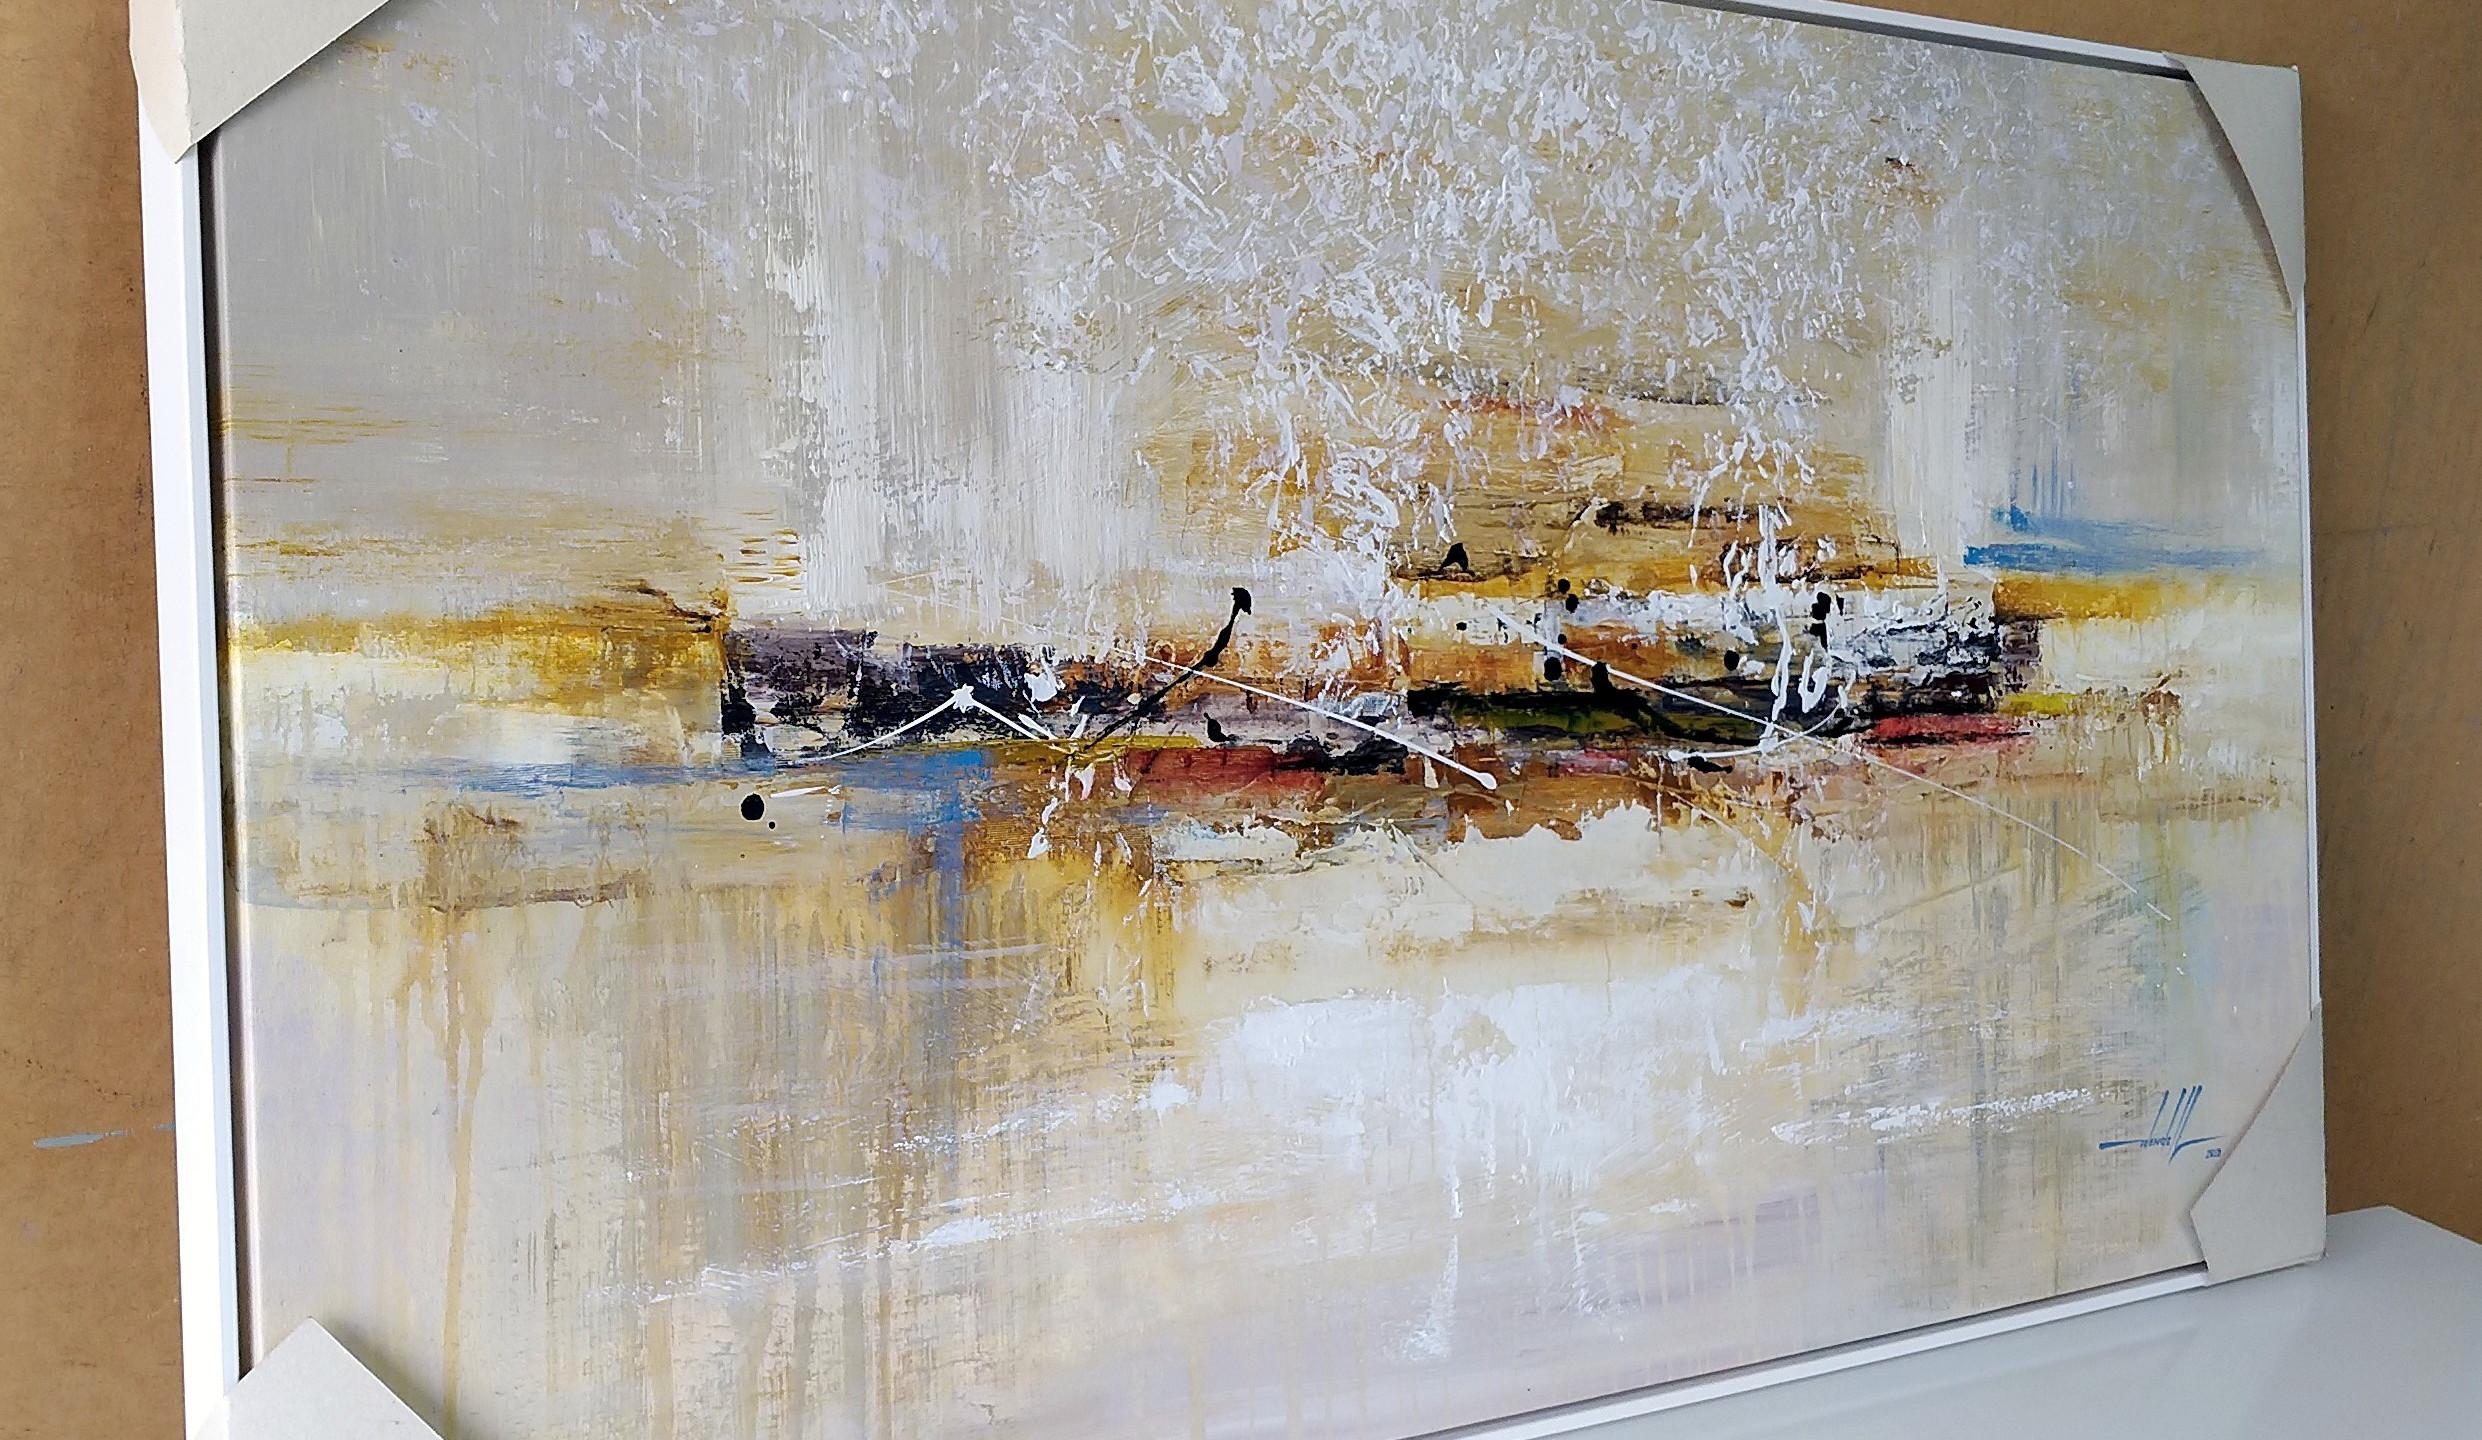 Quadro Com Pintura Abstrata Em Tela (2).